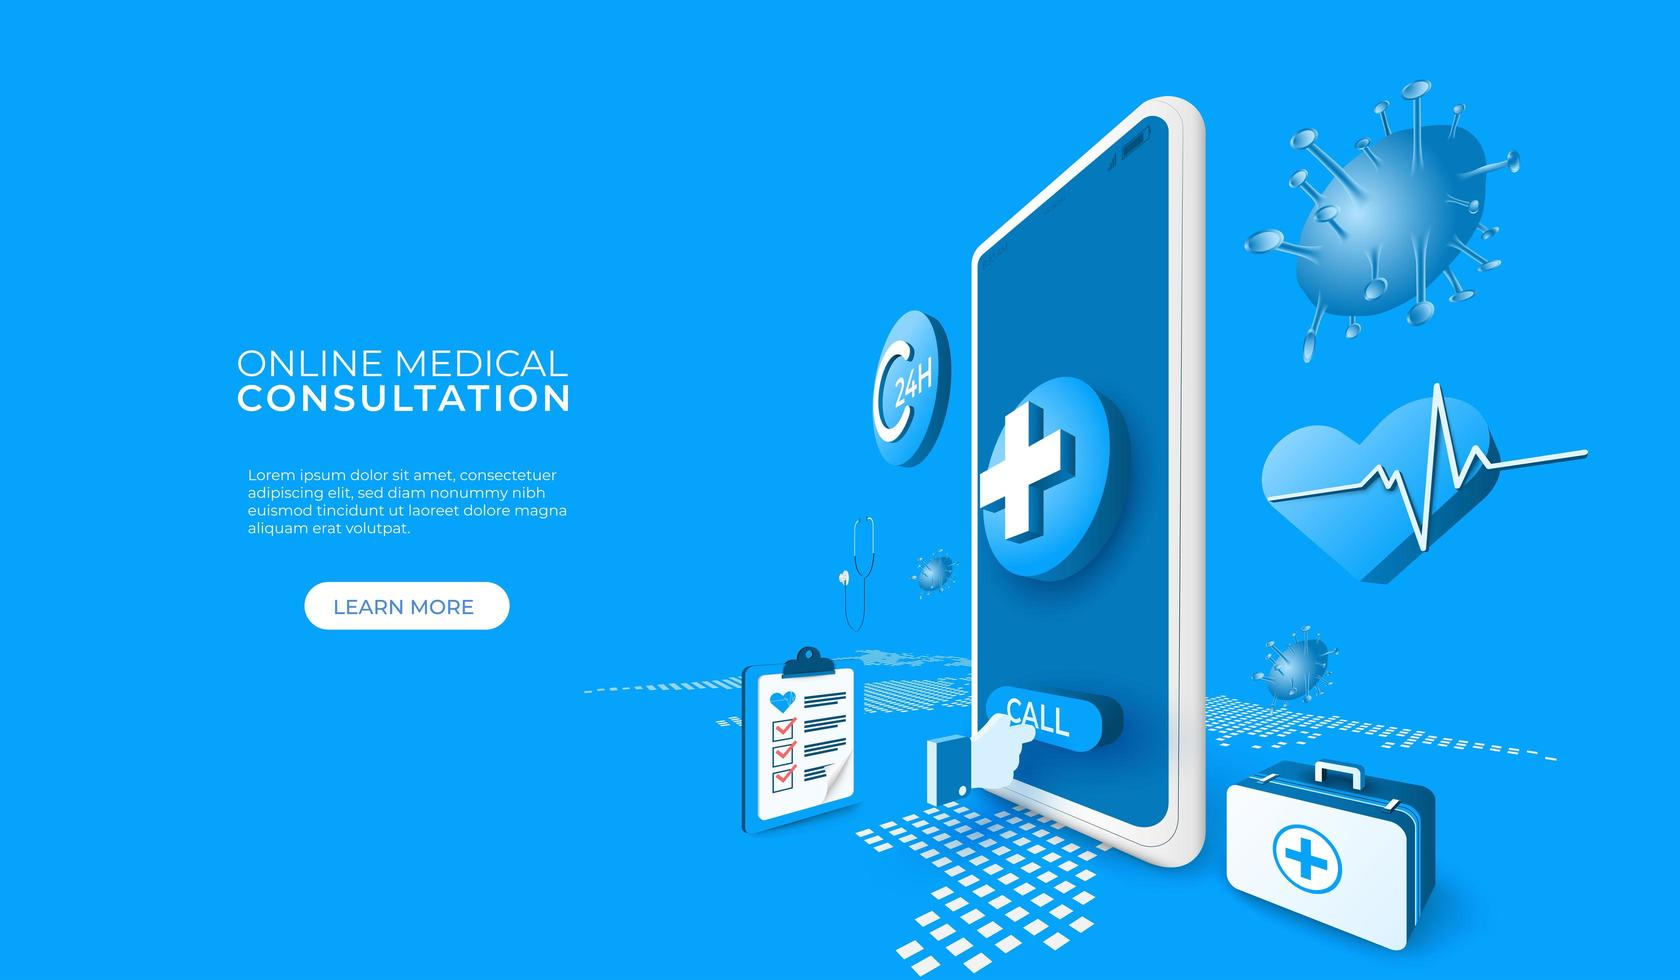 consulta médica on-line por telefone ou tablet vetor